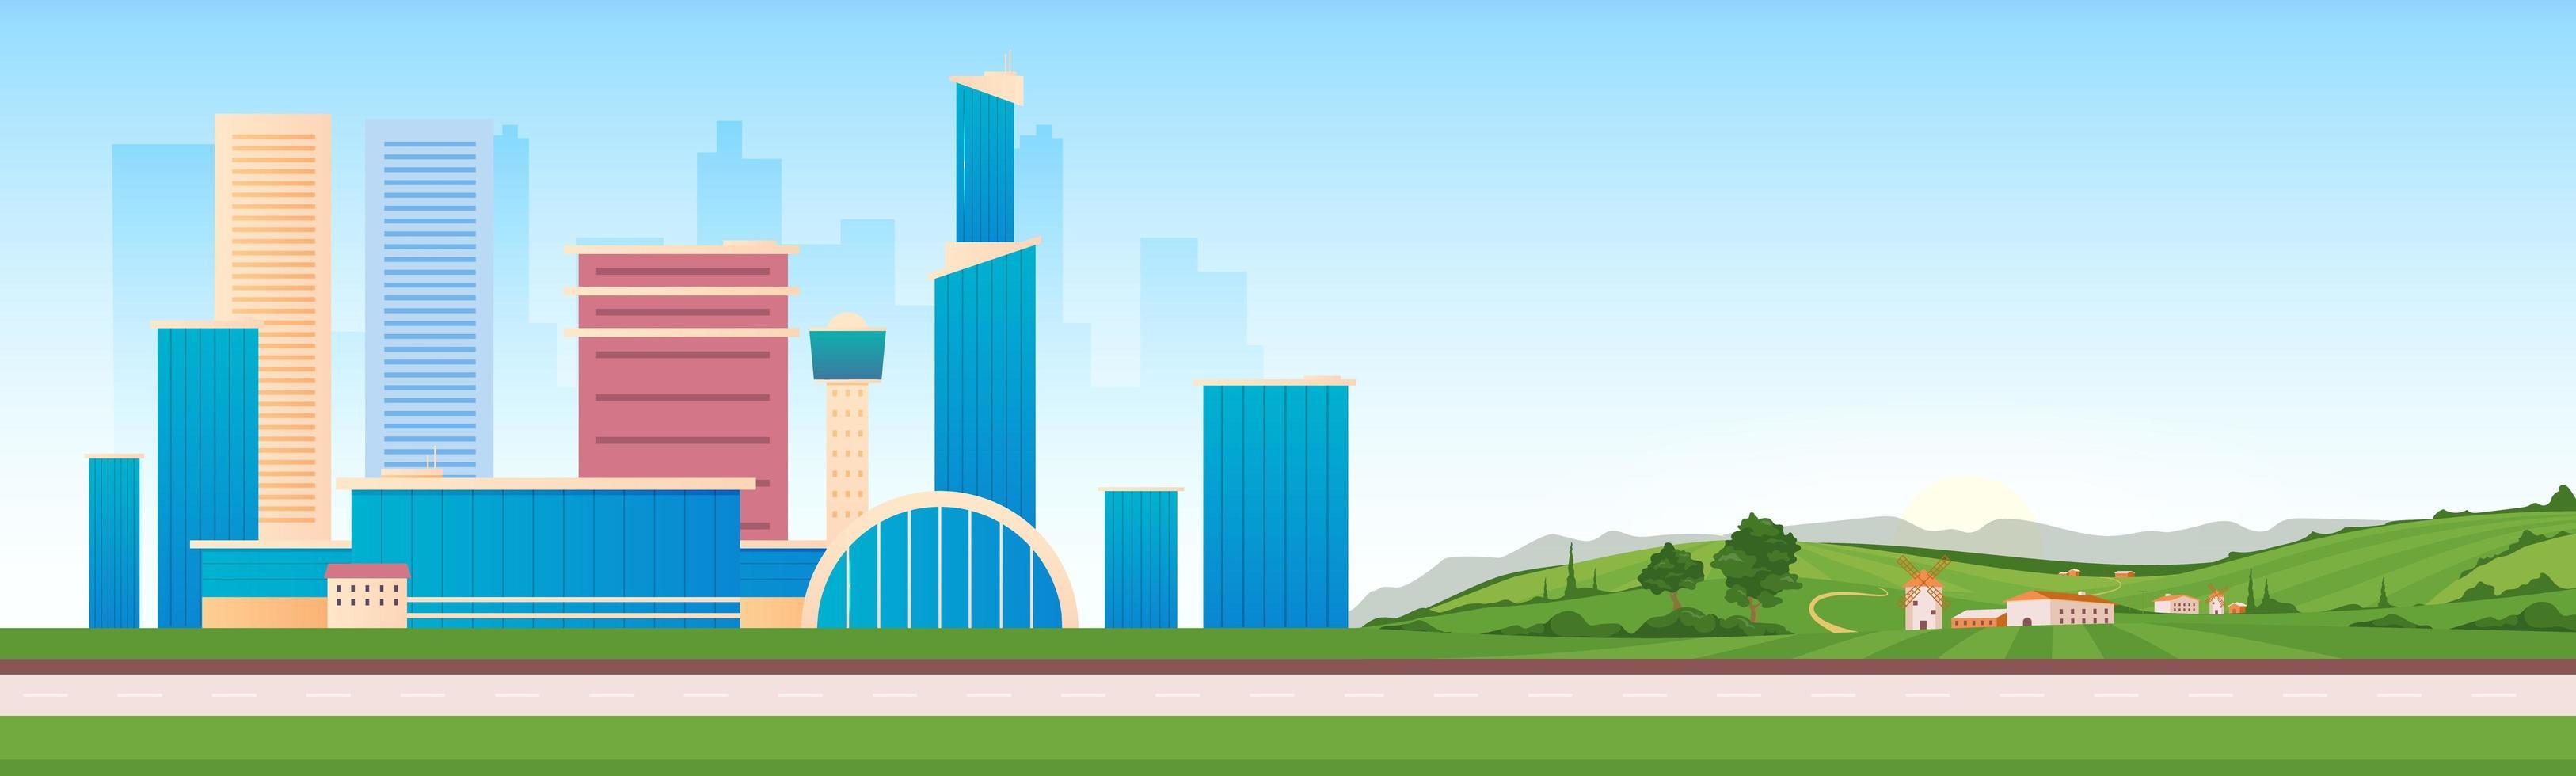 zones urbaines et rurales vecteur